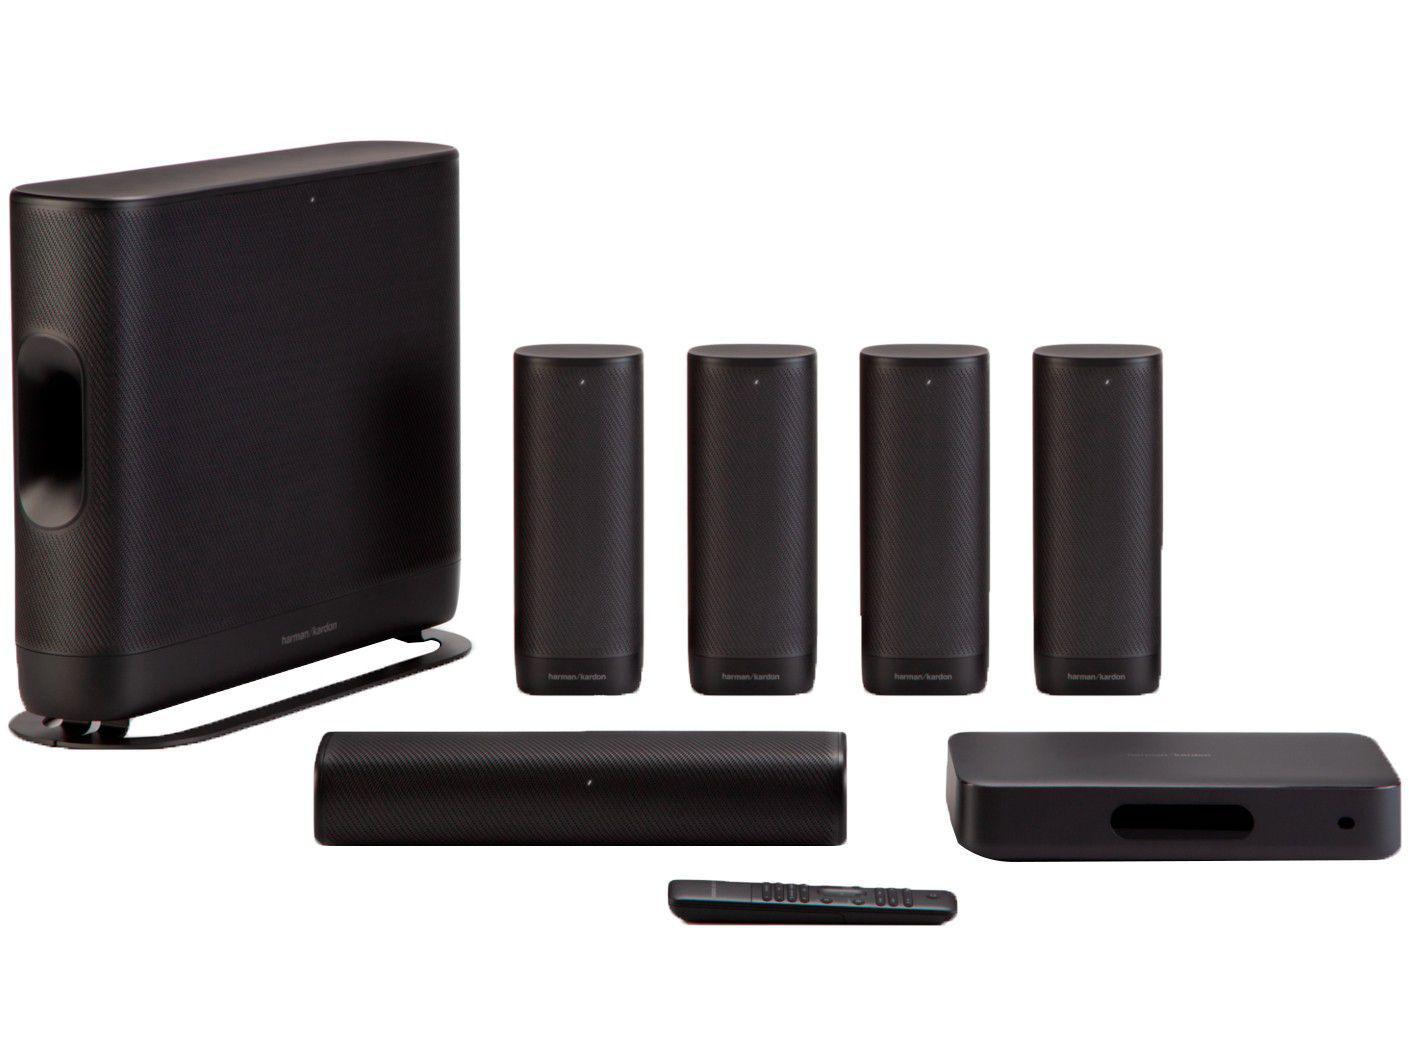 Soundbar Harman Kardon Surround com Subwoofer - Wireless Bluetooth 370W RMS 5.1 Canais